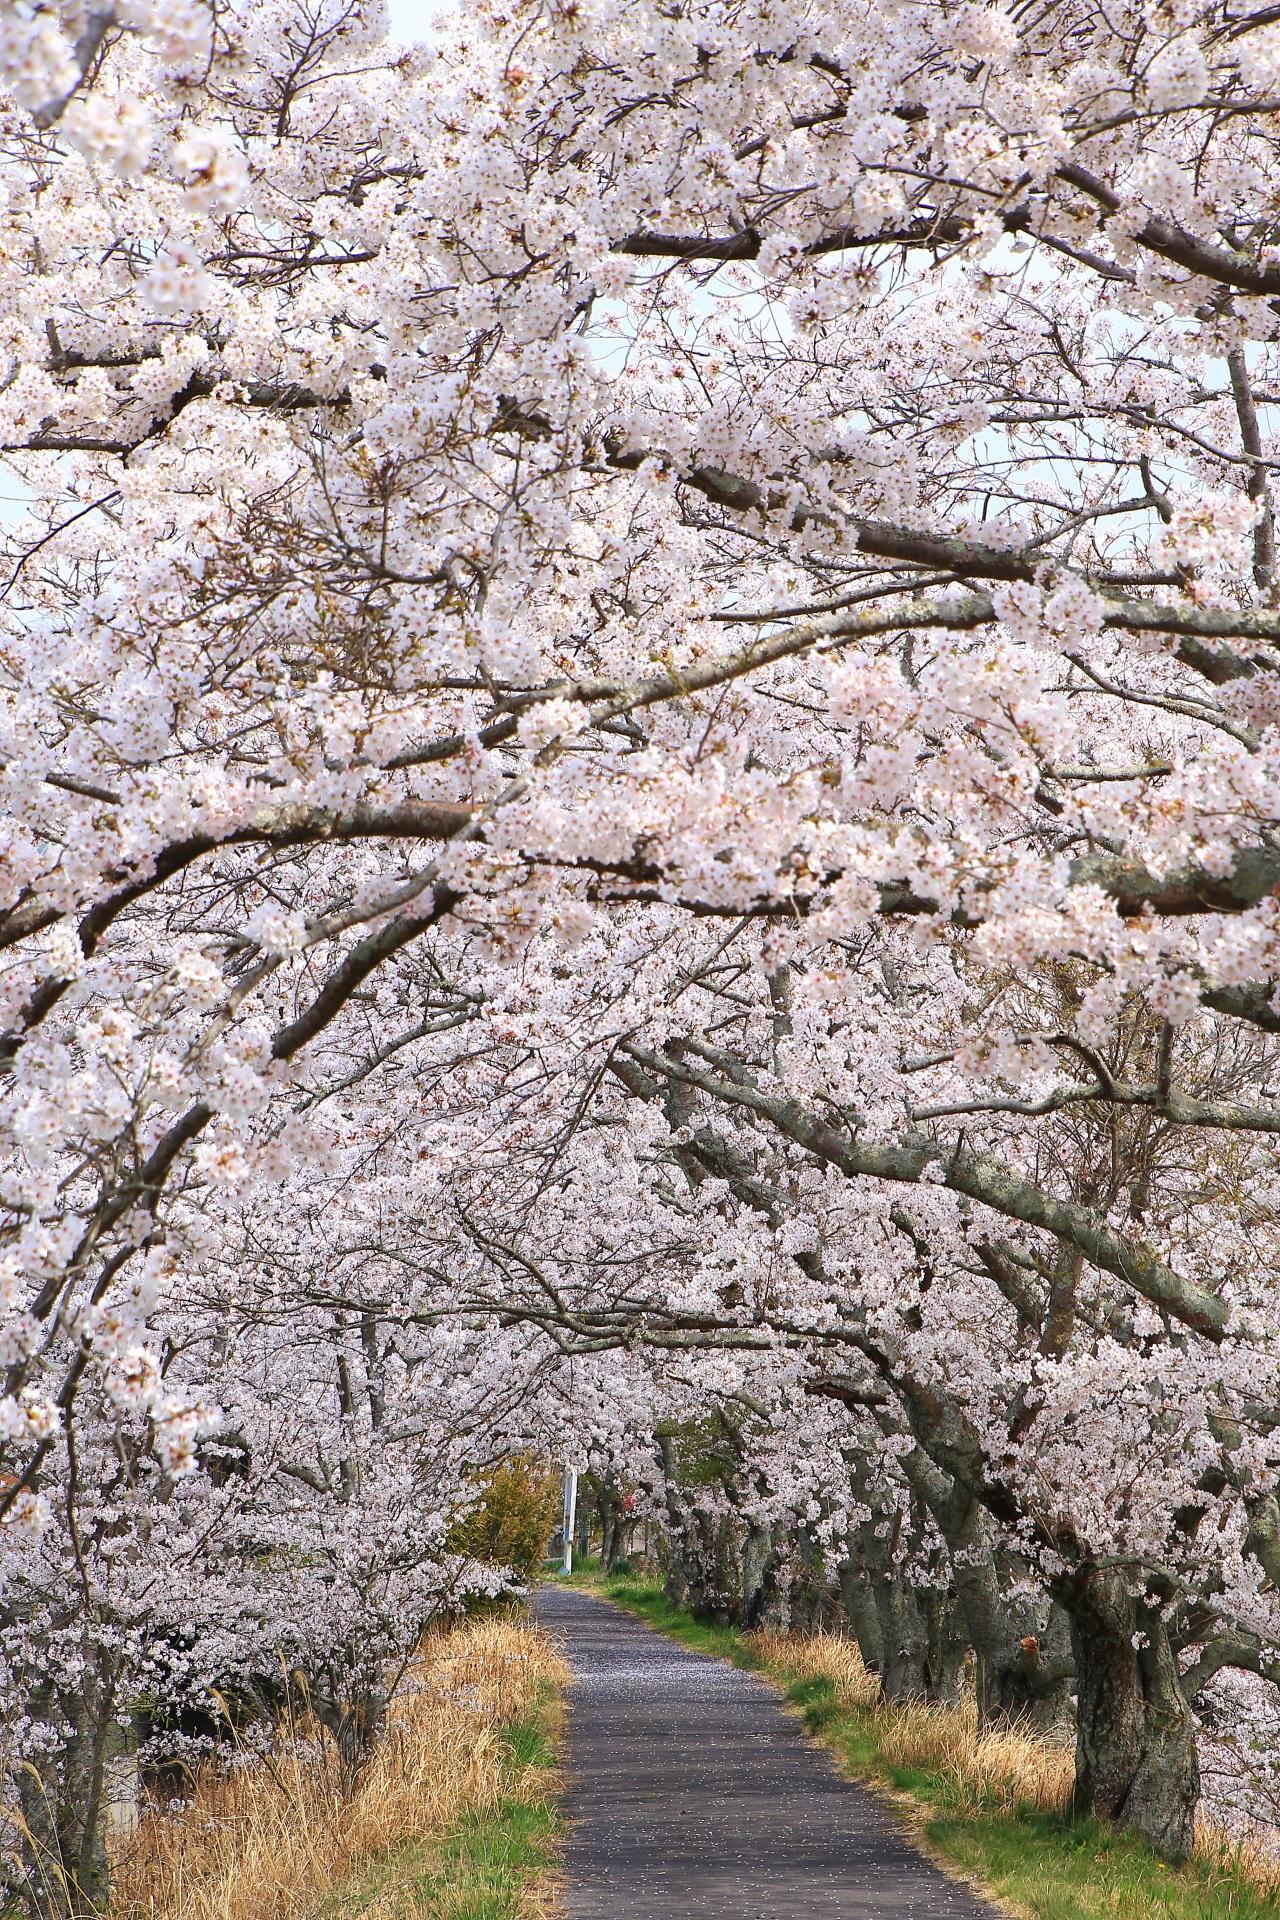 和束町の絶品の桜のトンネル